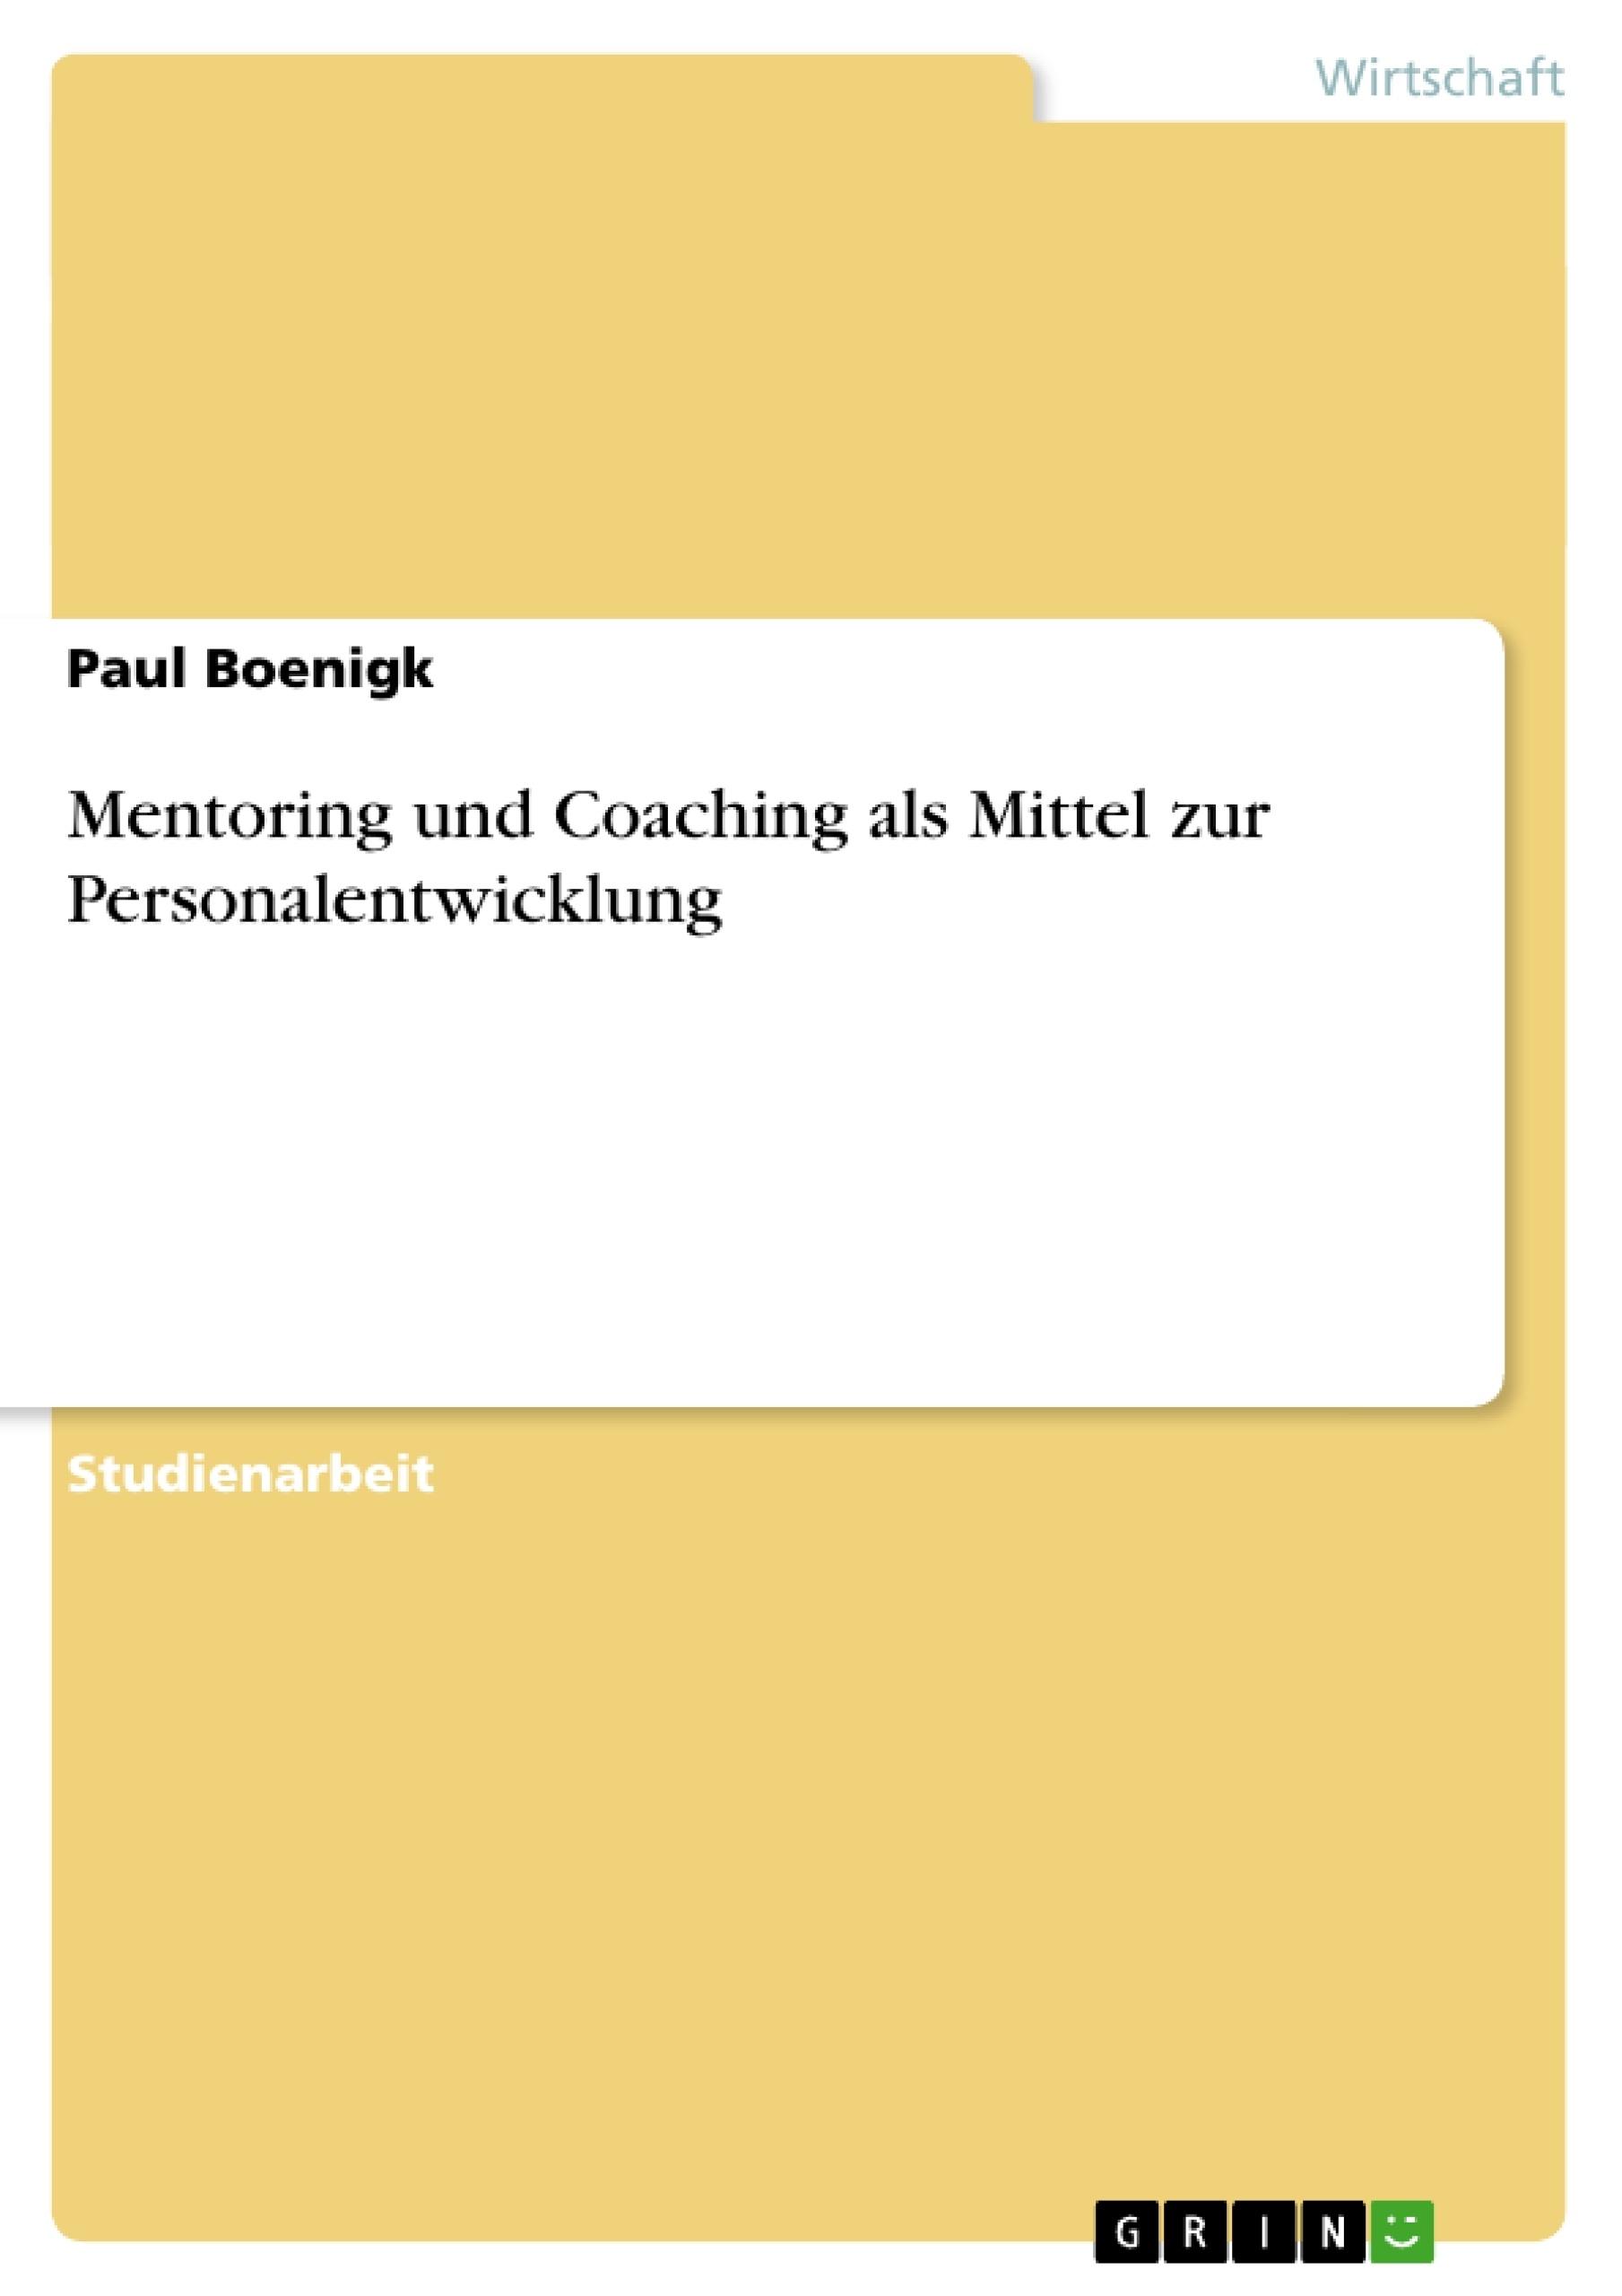 Titel: Mentoring und Coaching als Mittel zur Personalentwicklung